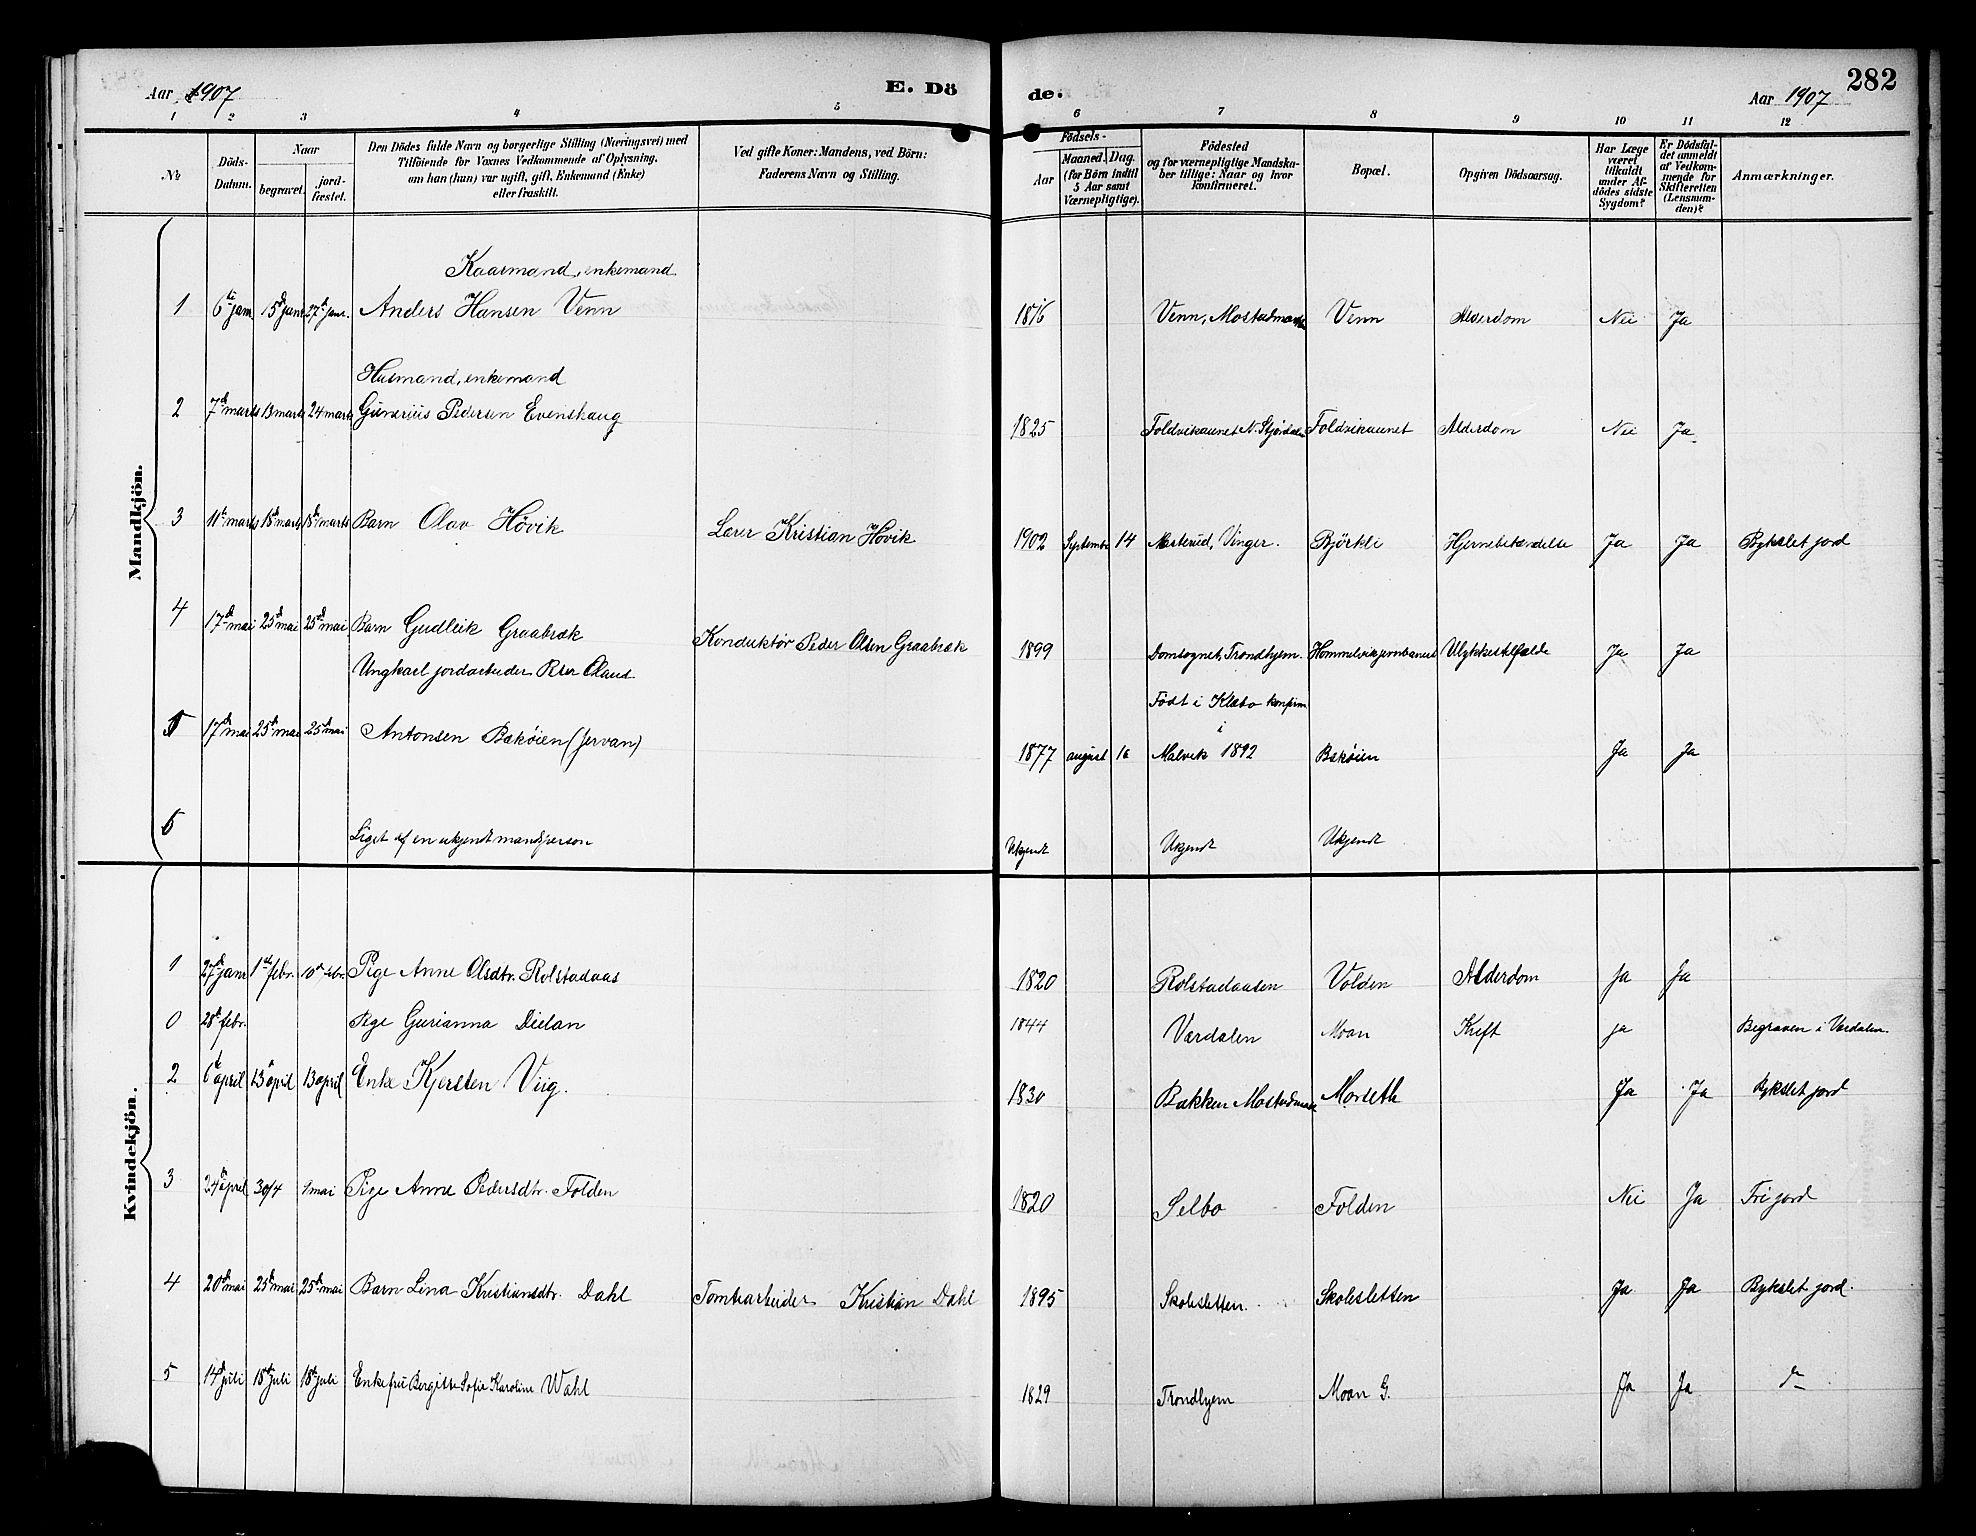 SAT, Ministerialprotokoller, klokkerbøker og fødselsregistre - Sør-Trøndelag, 617/L0431: Klokkerbok nr. 617C01, 1889-1910, s. 282